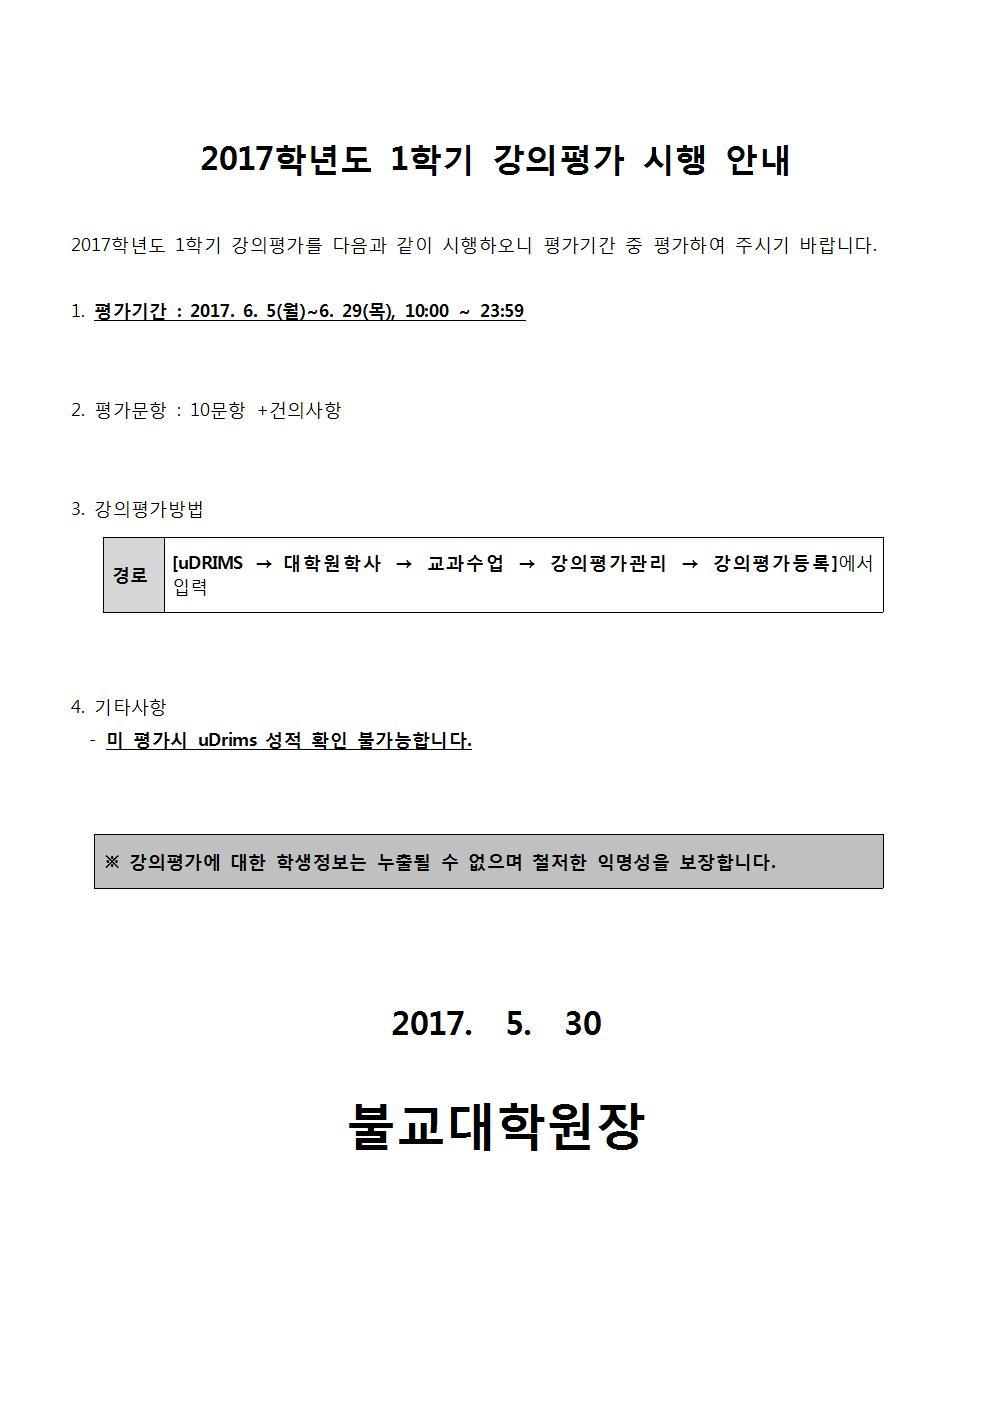 (첨부2) 강의평가 안내문(1학기)001